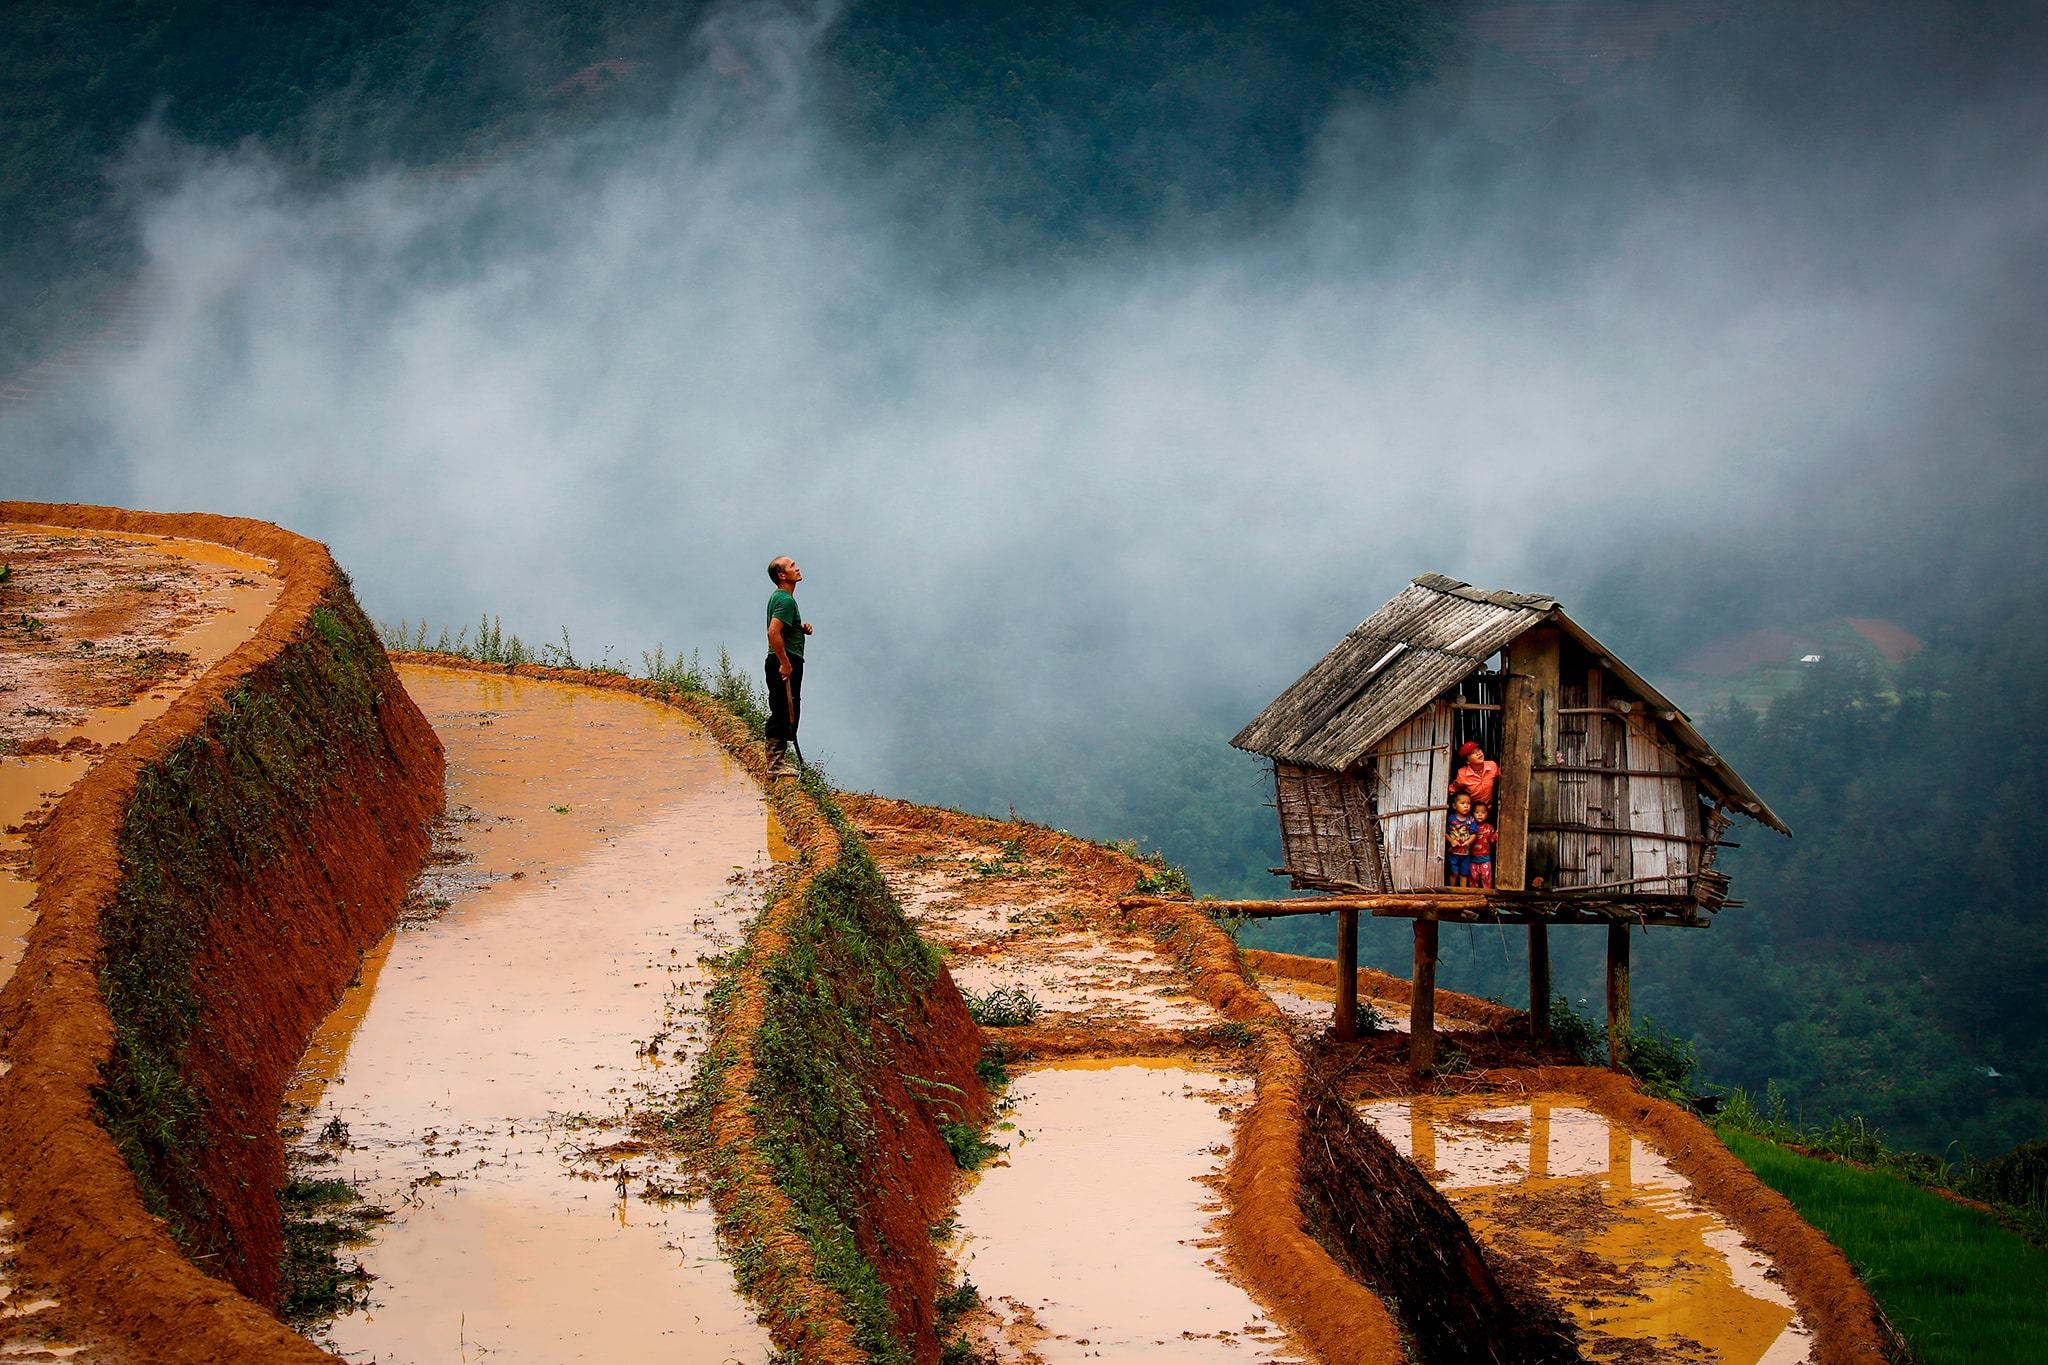 Xu-mu-lung-linh-trong-nhung-ngay-nuoc-do-vietmountain-travel3